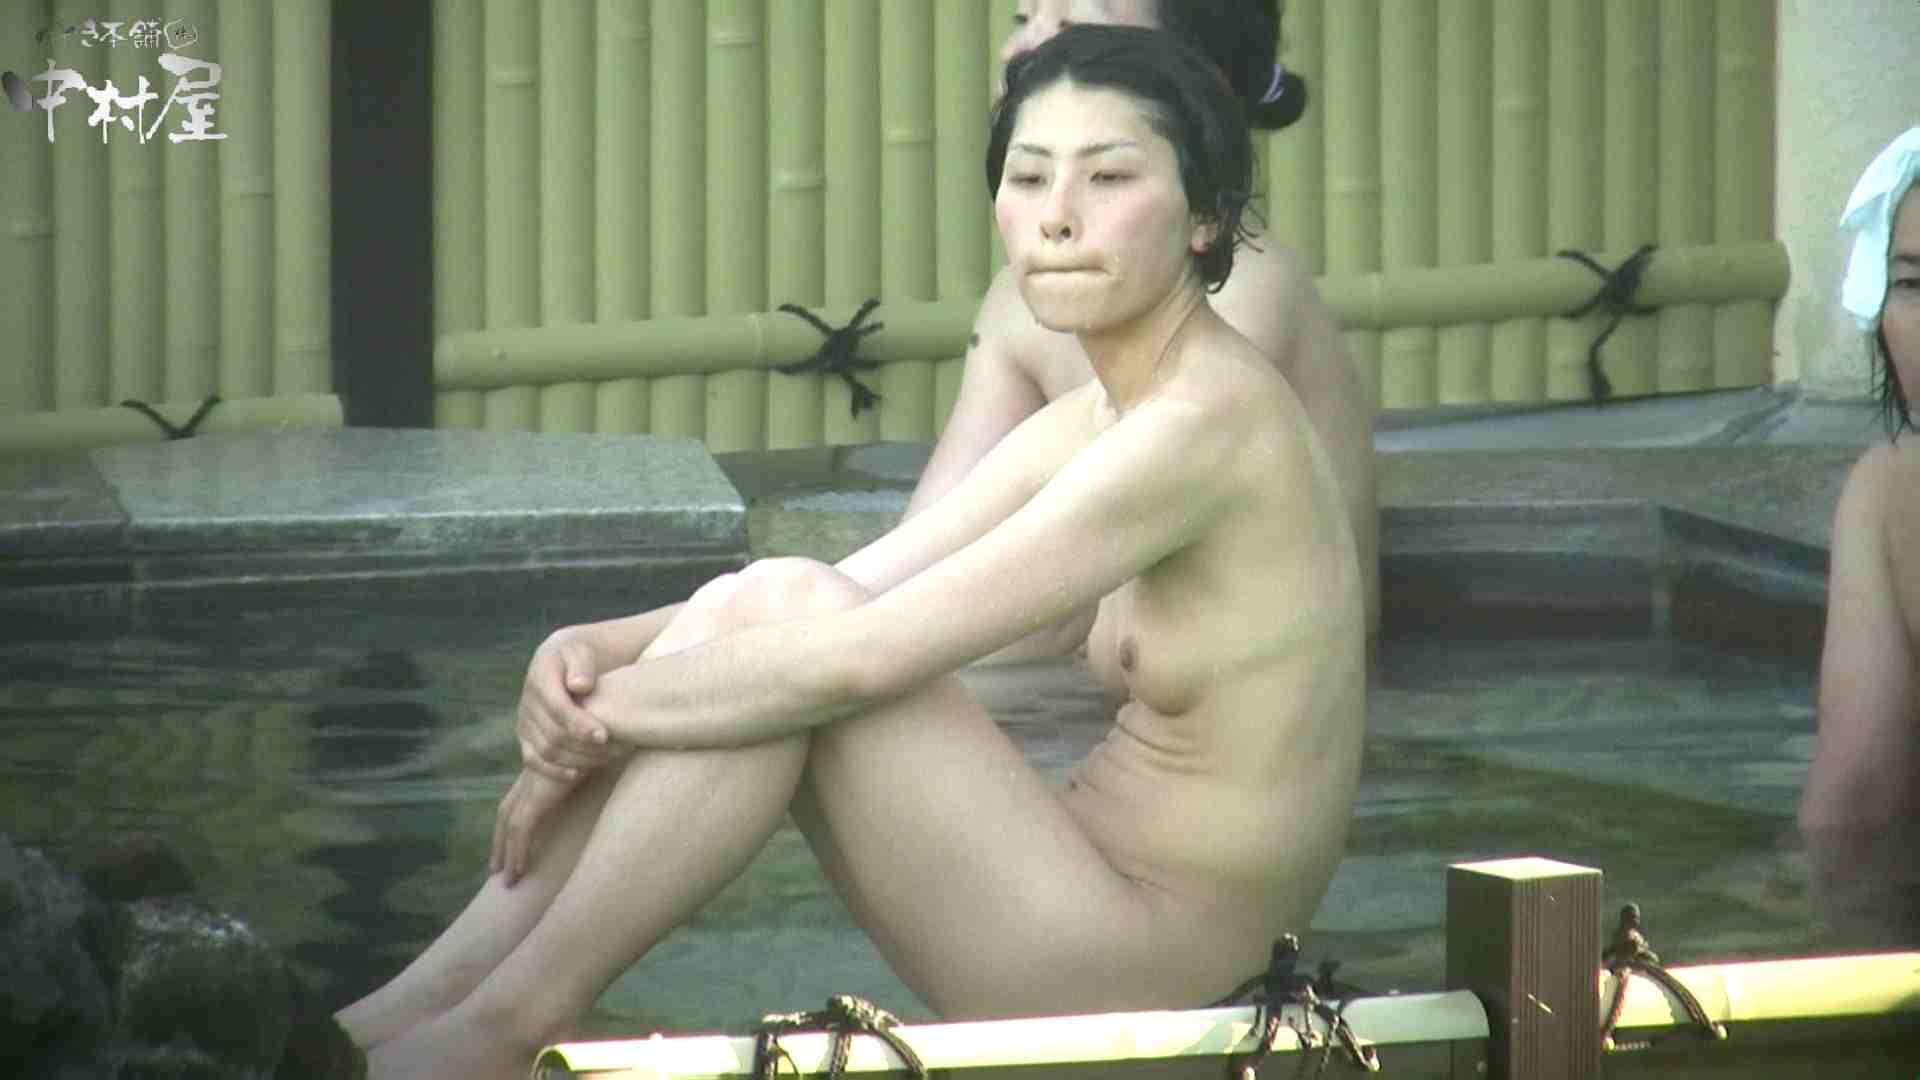 Aquaな露天風呂Vol.970 盗撮 オメコ無修正動画無料 97画像 89